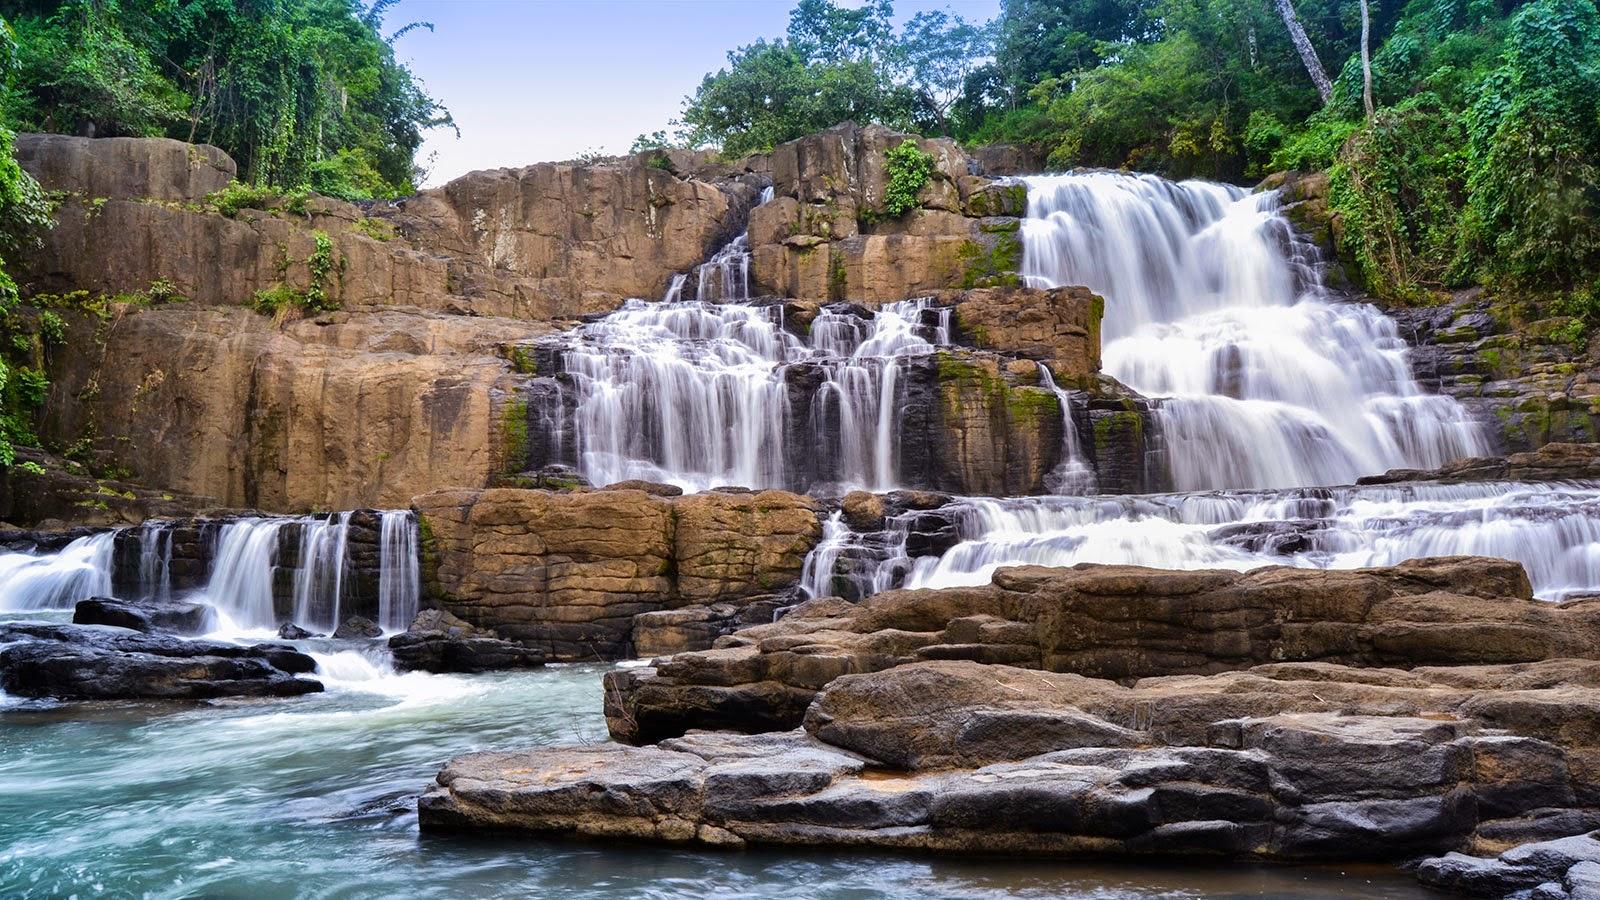 Air Terjun Parangloe - Rekreasi Anti Mainstream Di Provinsi Sulawesi Selatan